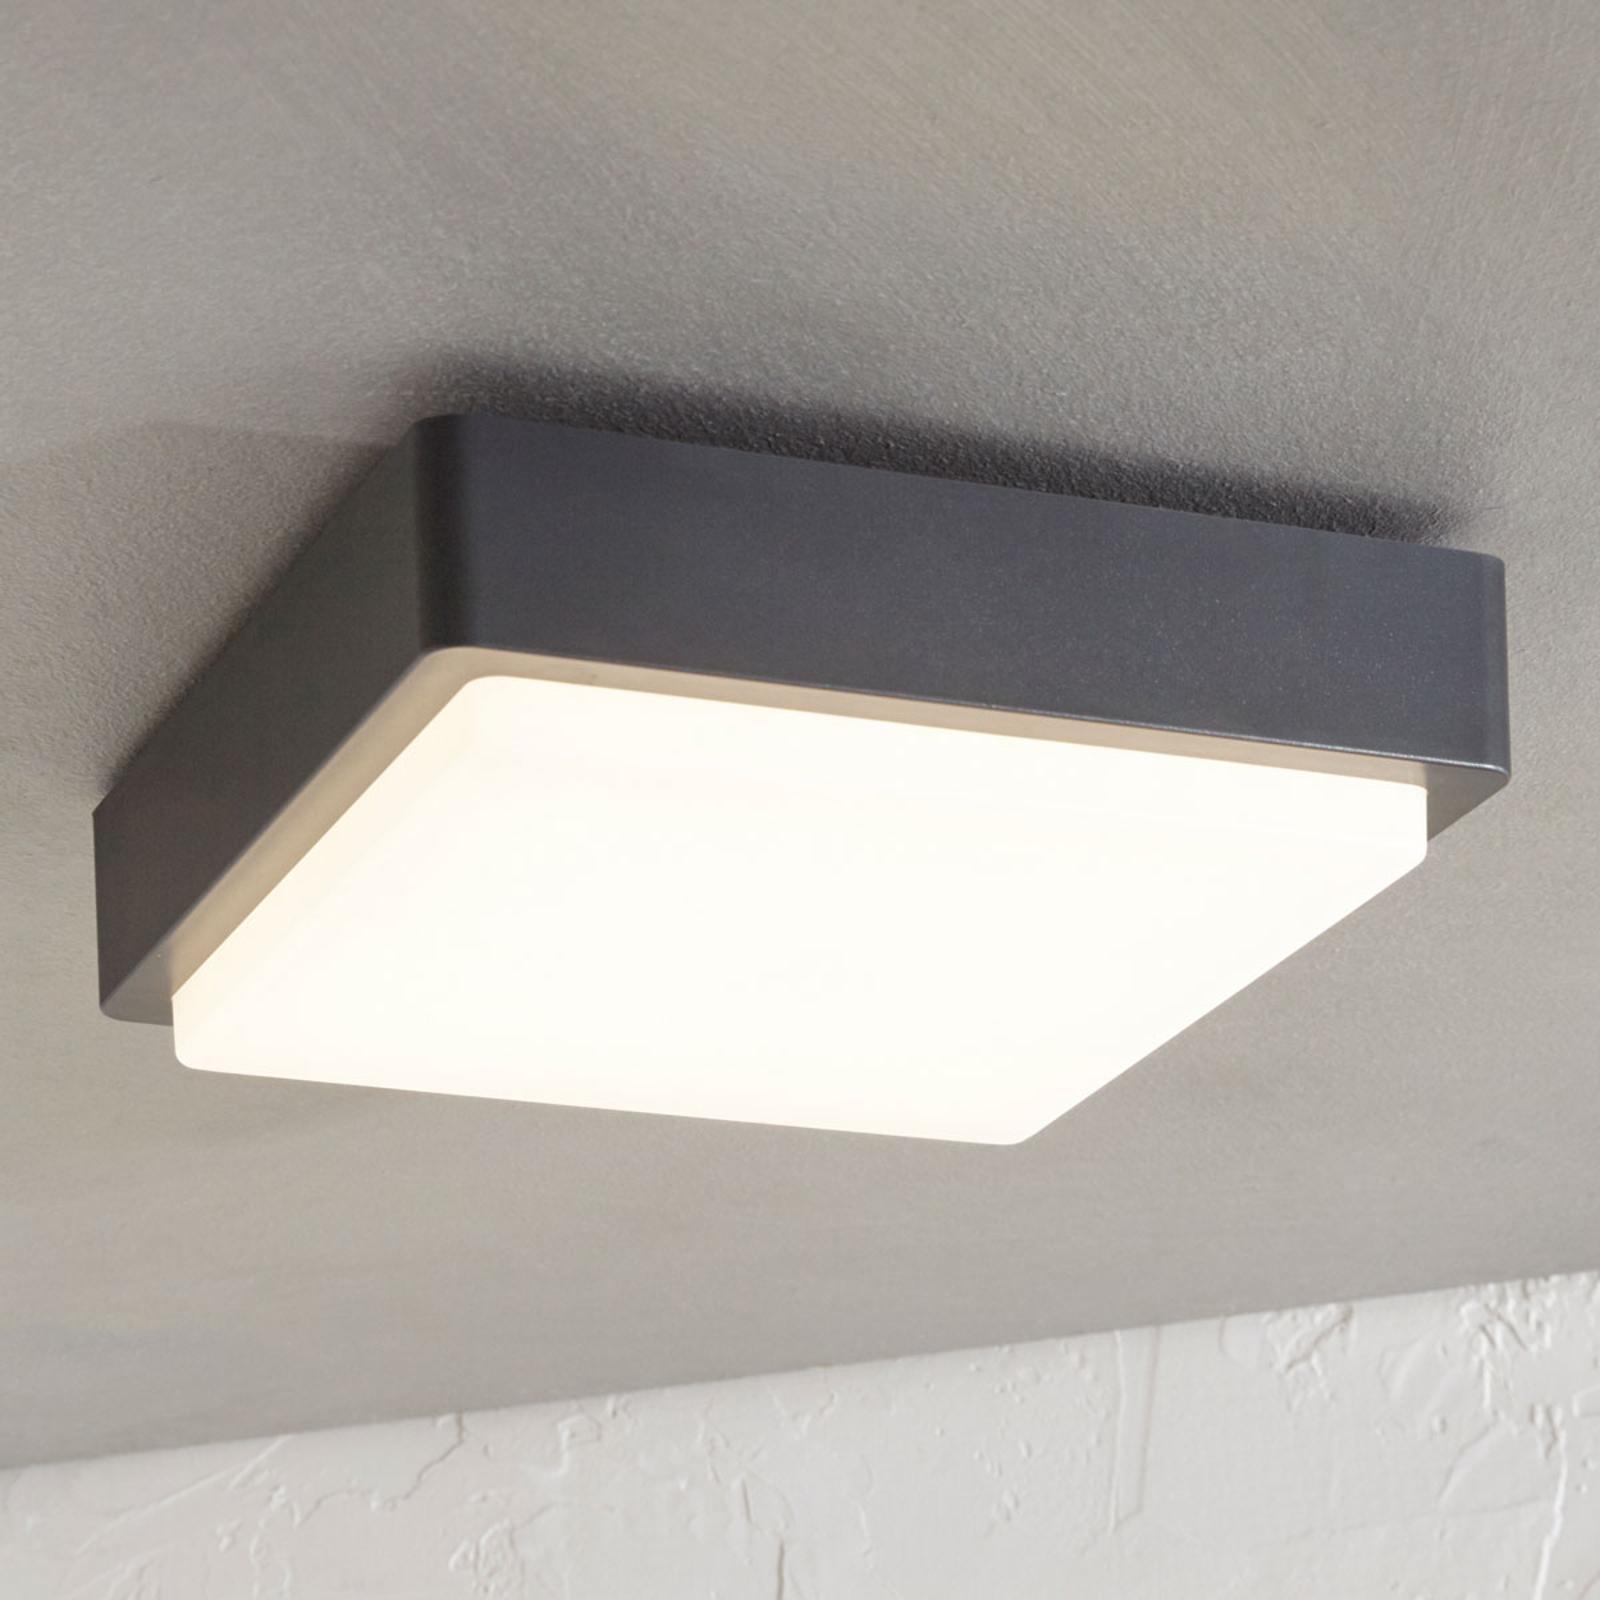 LED-Außendeckenlampe Nermin, IP65, eckig